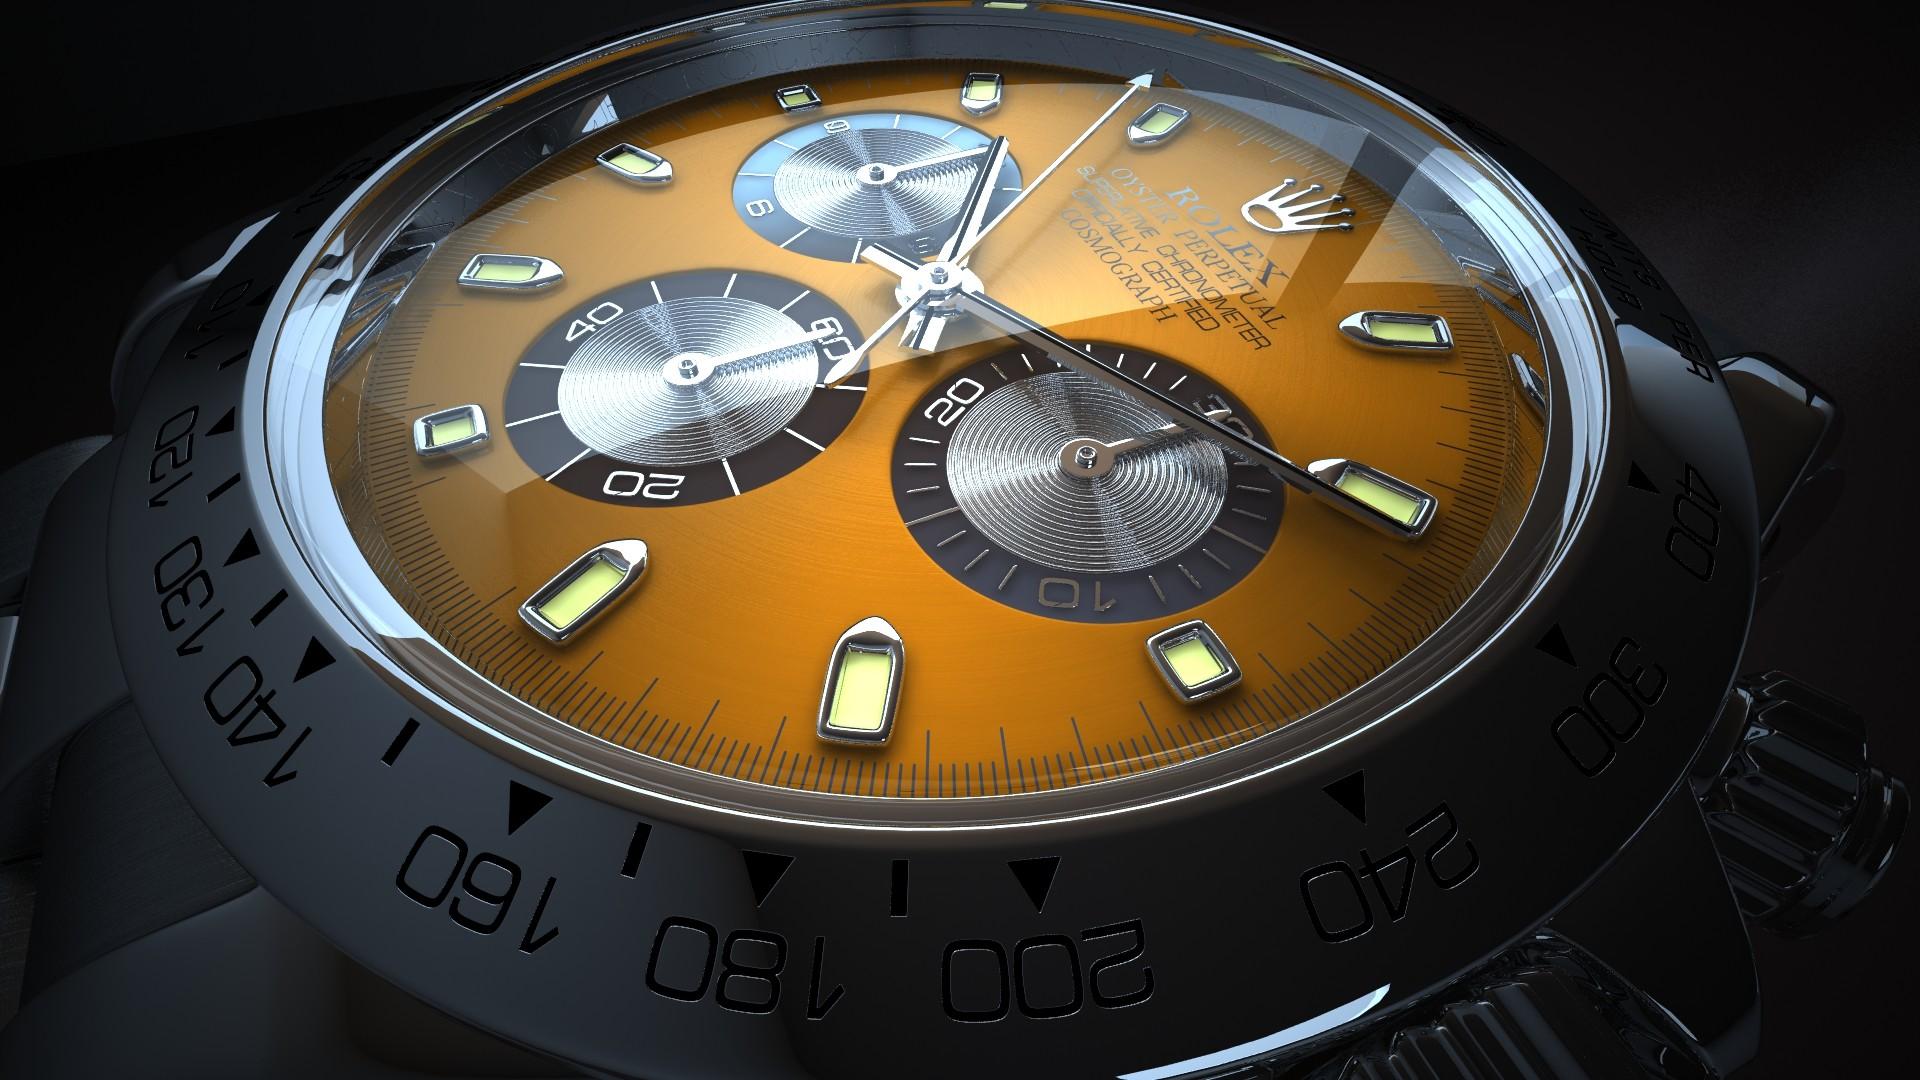 ArtStation - Rolex Daytona, Dirk Steffens